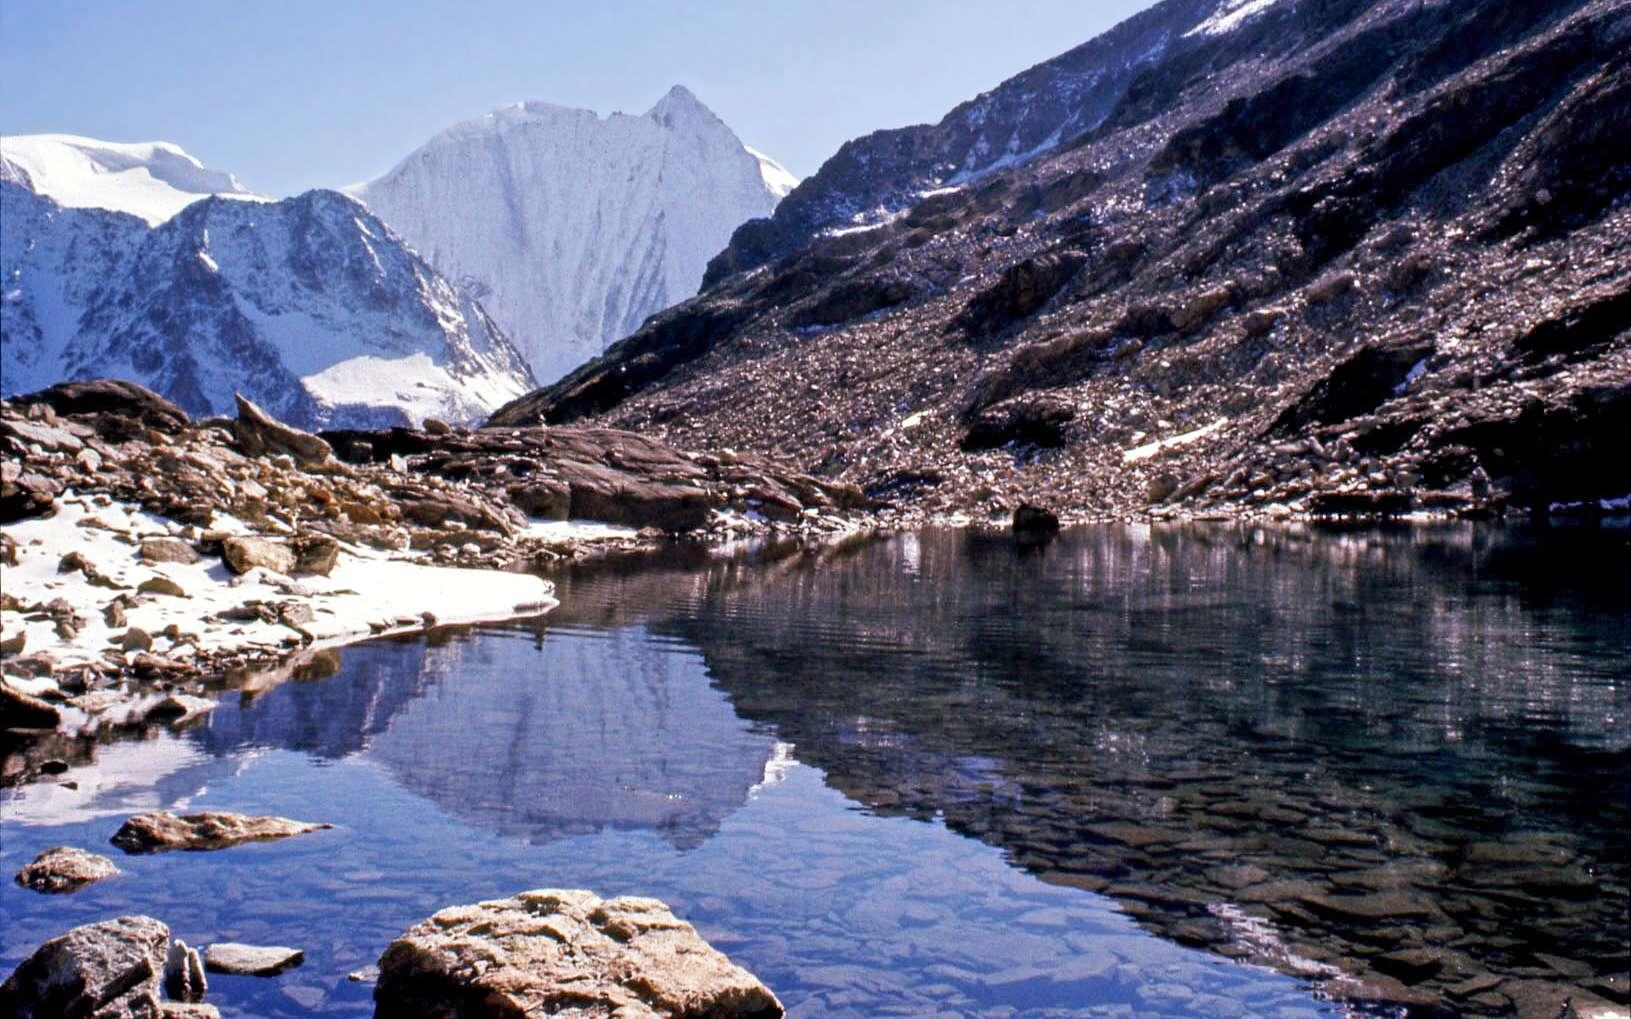 Le lac de Fontanesses en Suisse. © Giorgio Rodano, Flickr